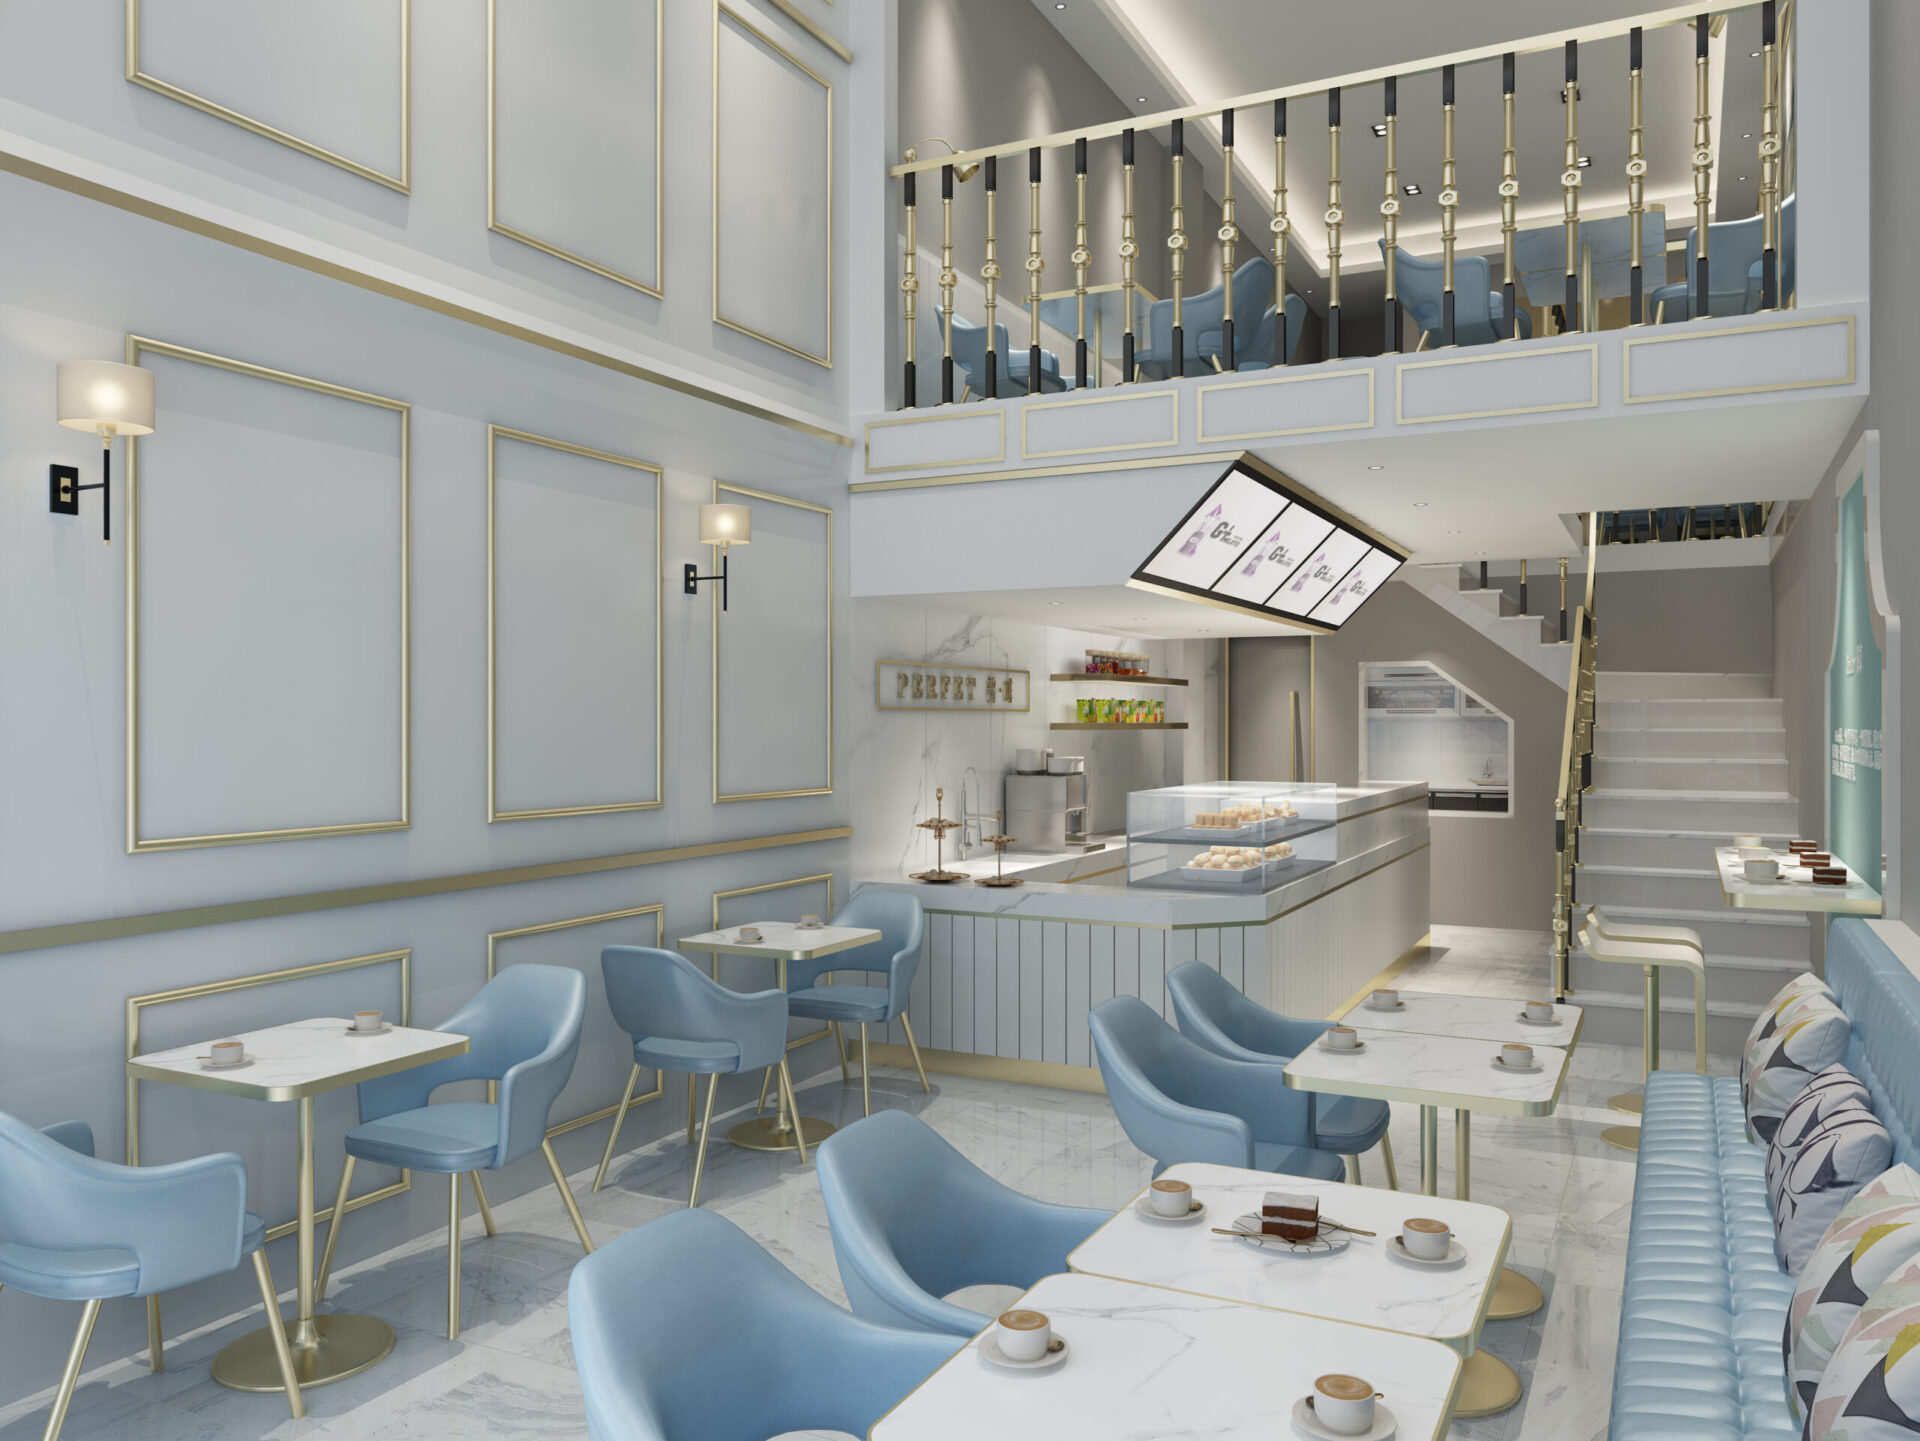 咖啡店裝潢設計-咖啡店裝潢-店面設計-裝潢設計-品牌設計-裝潢設計推薦-裝潢設計